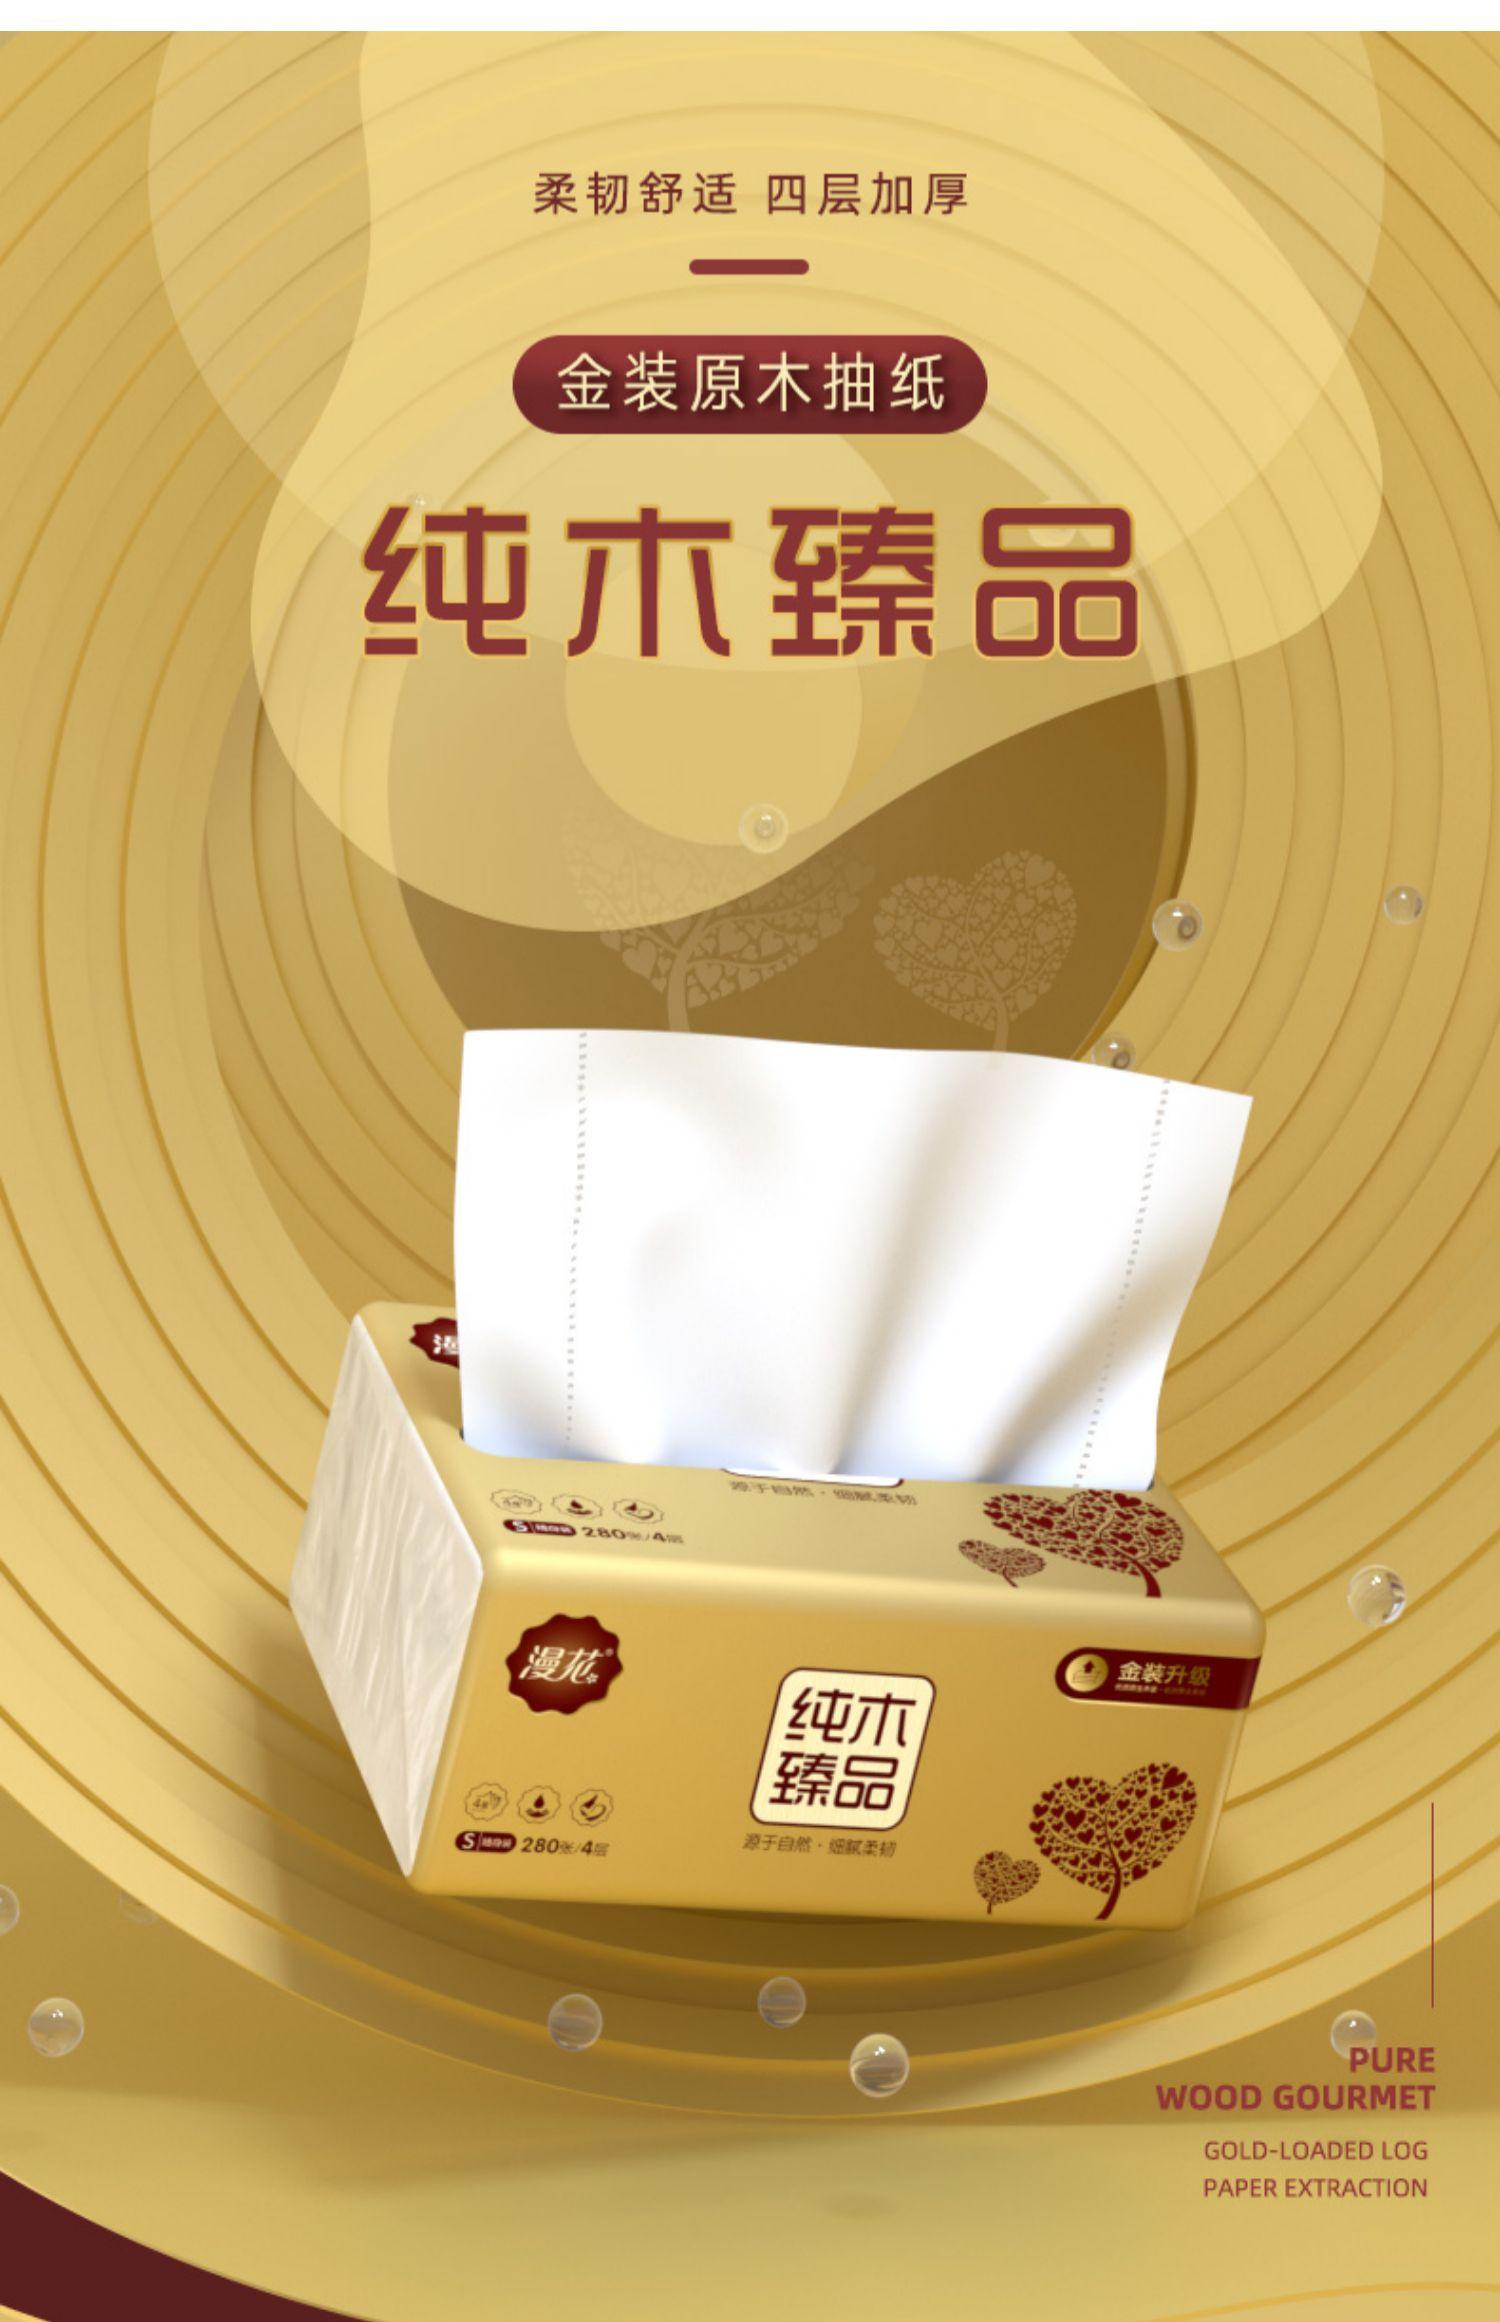 【漫花】金装原生木浆抽纸整箱40包1